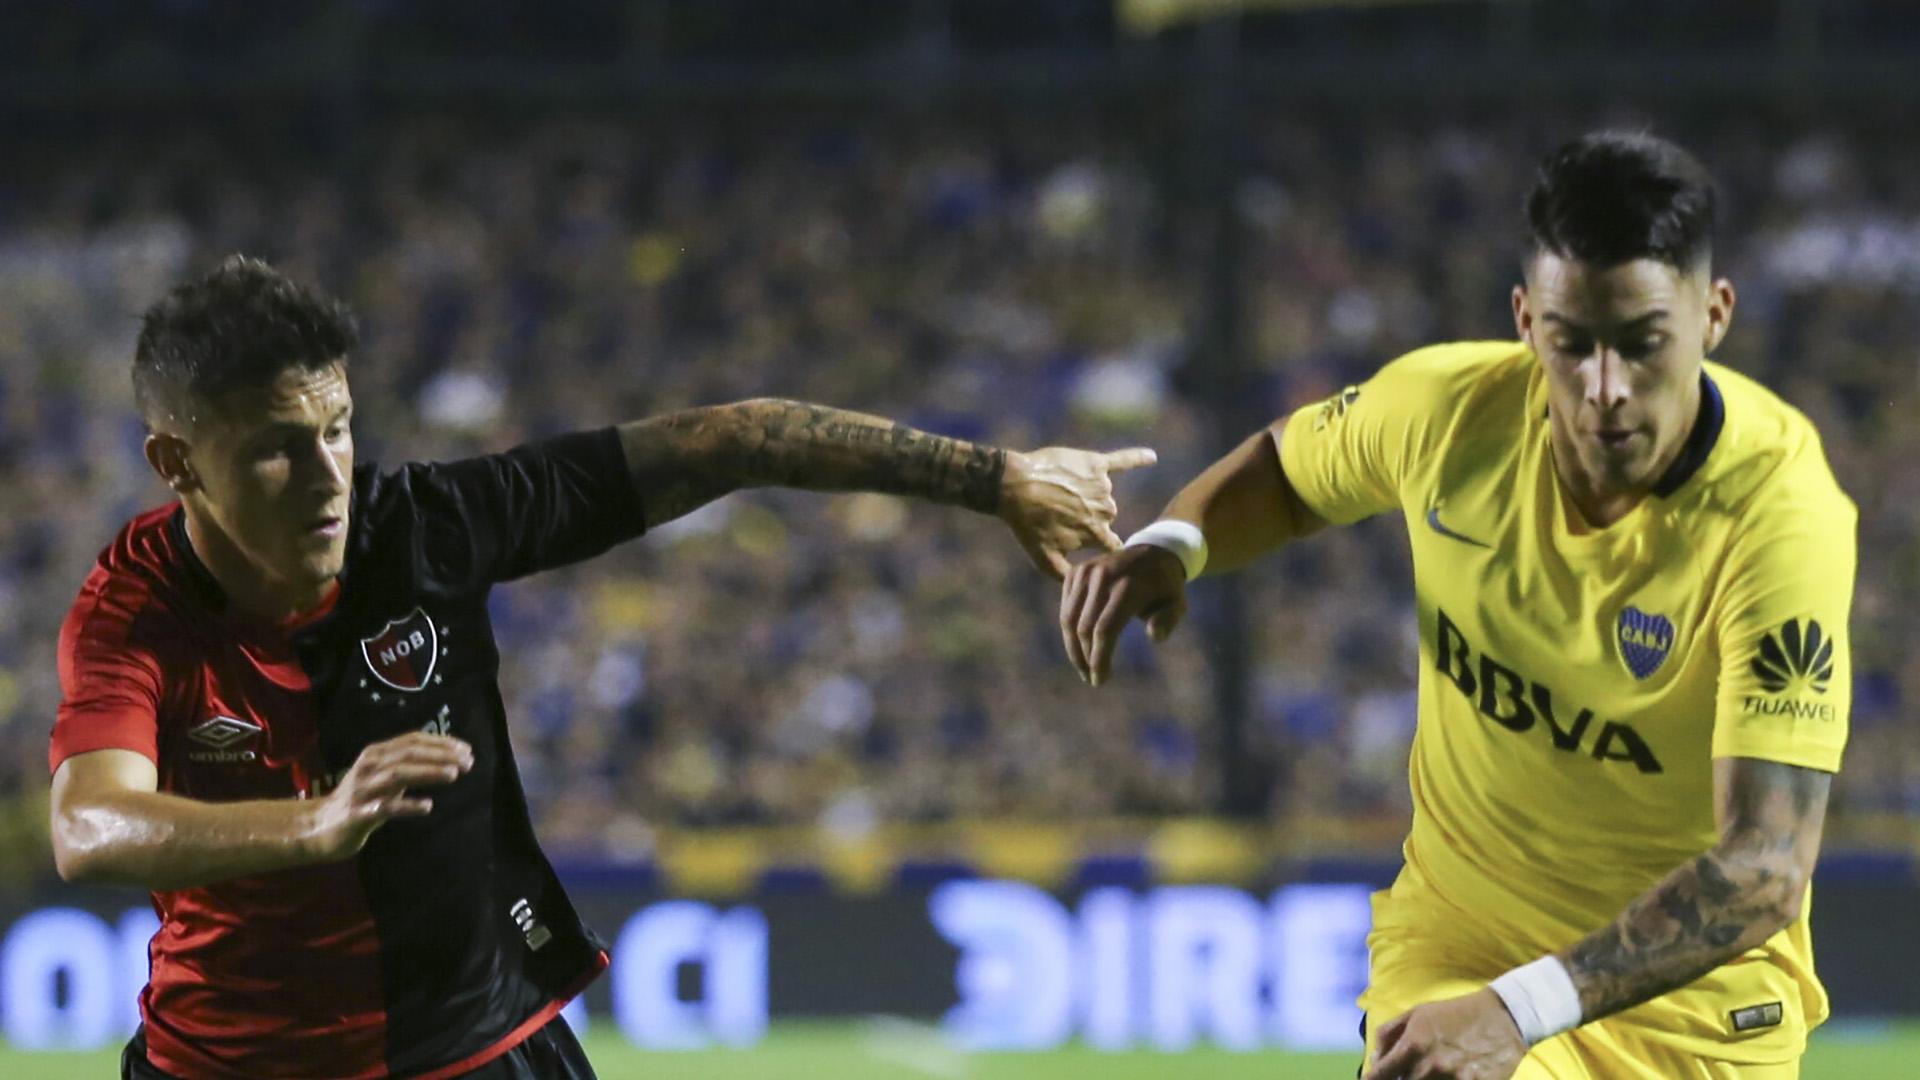 zzzznacd2NOTICIAS ARGENTINAS BAIRES, ABRIL 22: Escena del partido que estan jugando Boca y Newell's correspondiente a la 24ª fecha de la Superliga.Foto NA: MARCELO CAPECEzzzz